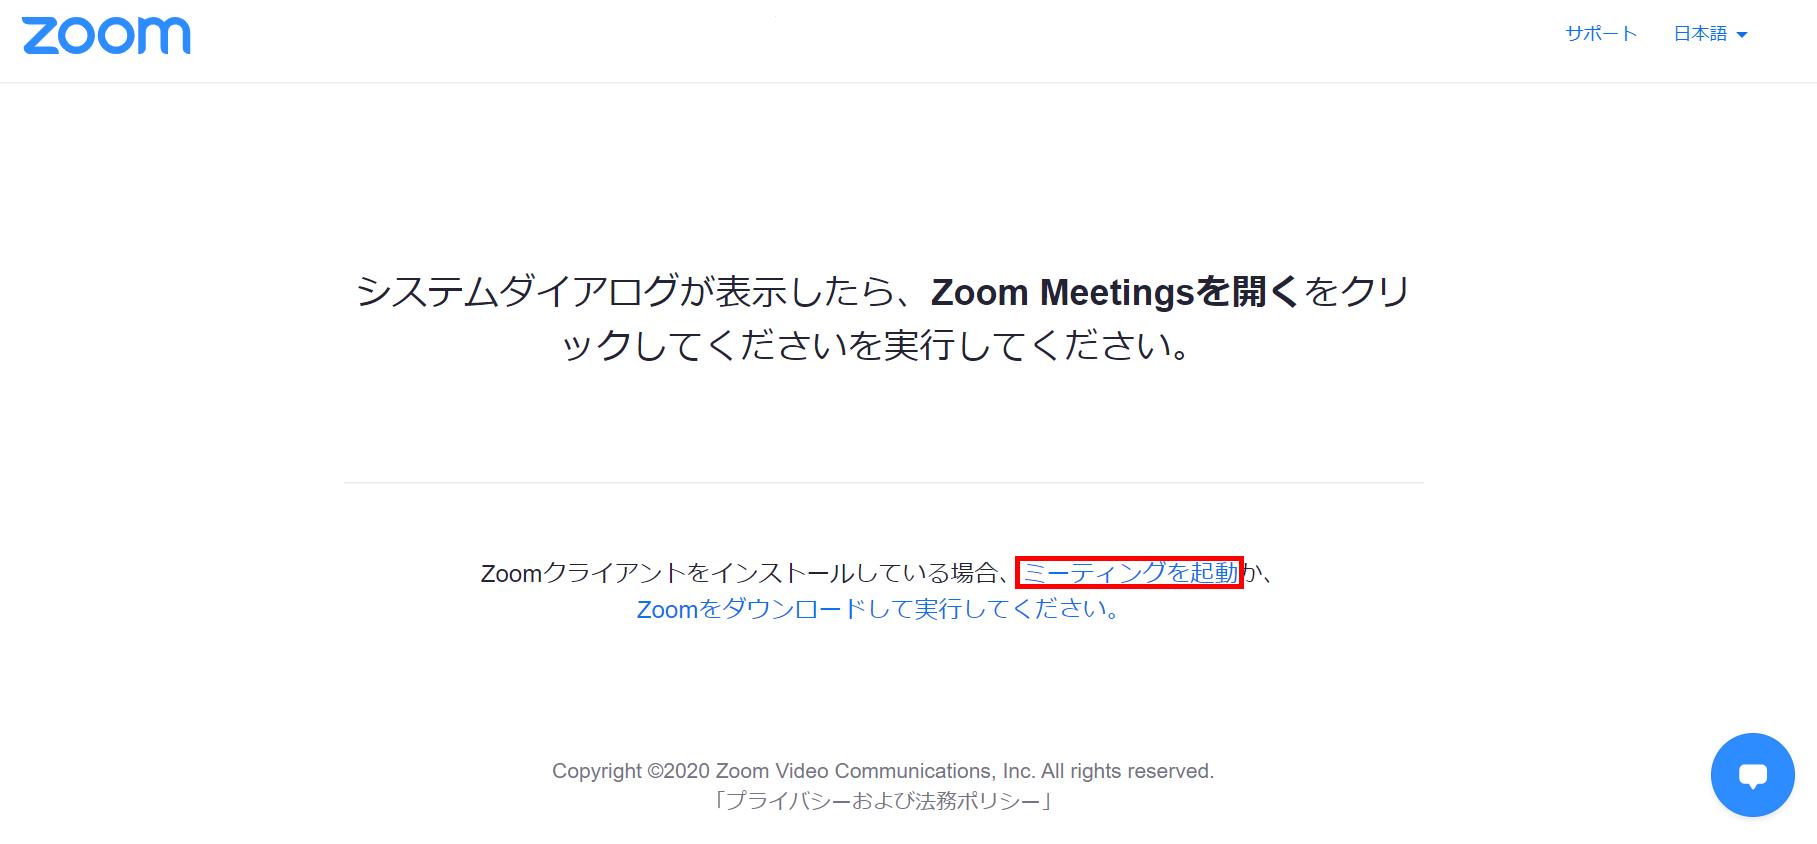 Zoomへブラウザ(Google Chromeなど)から参加する方法